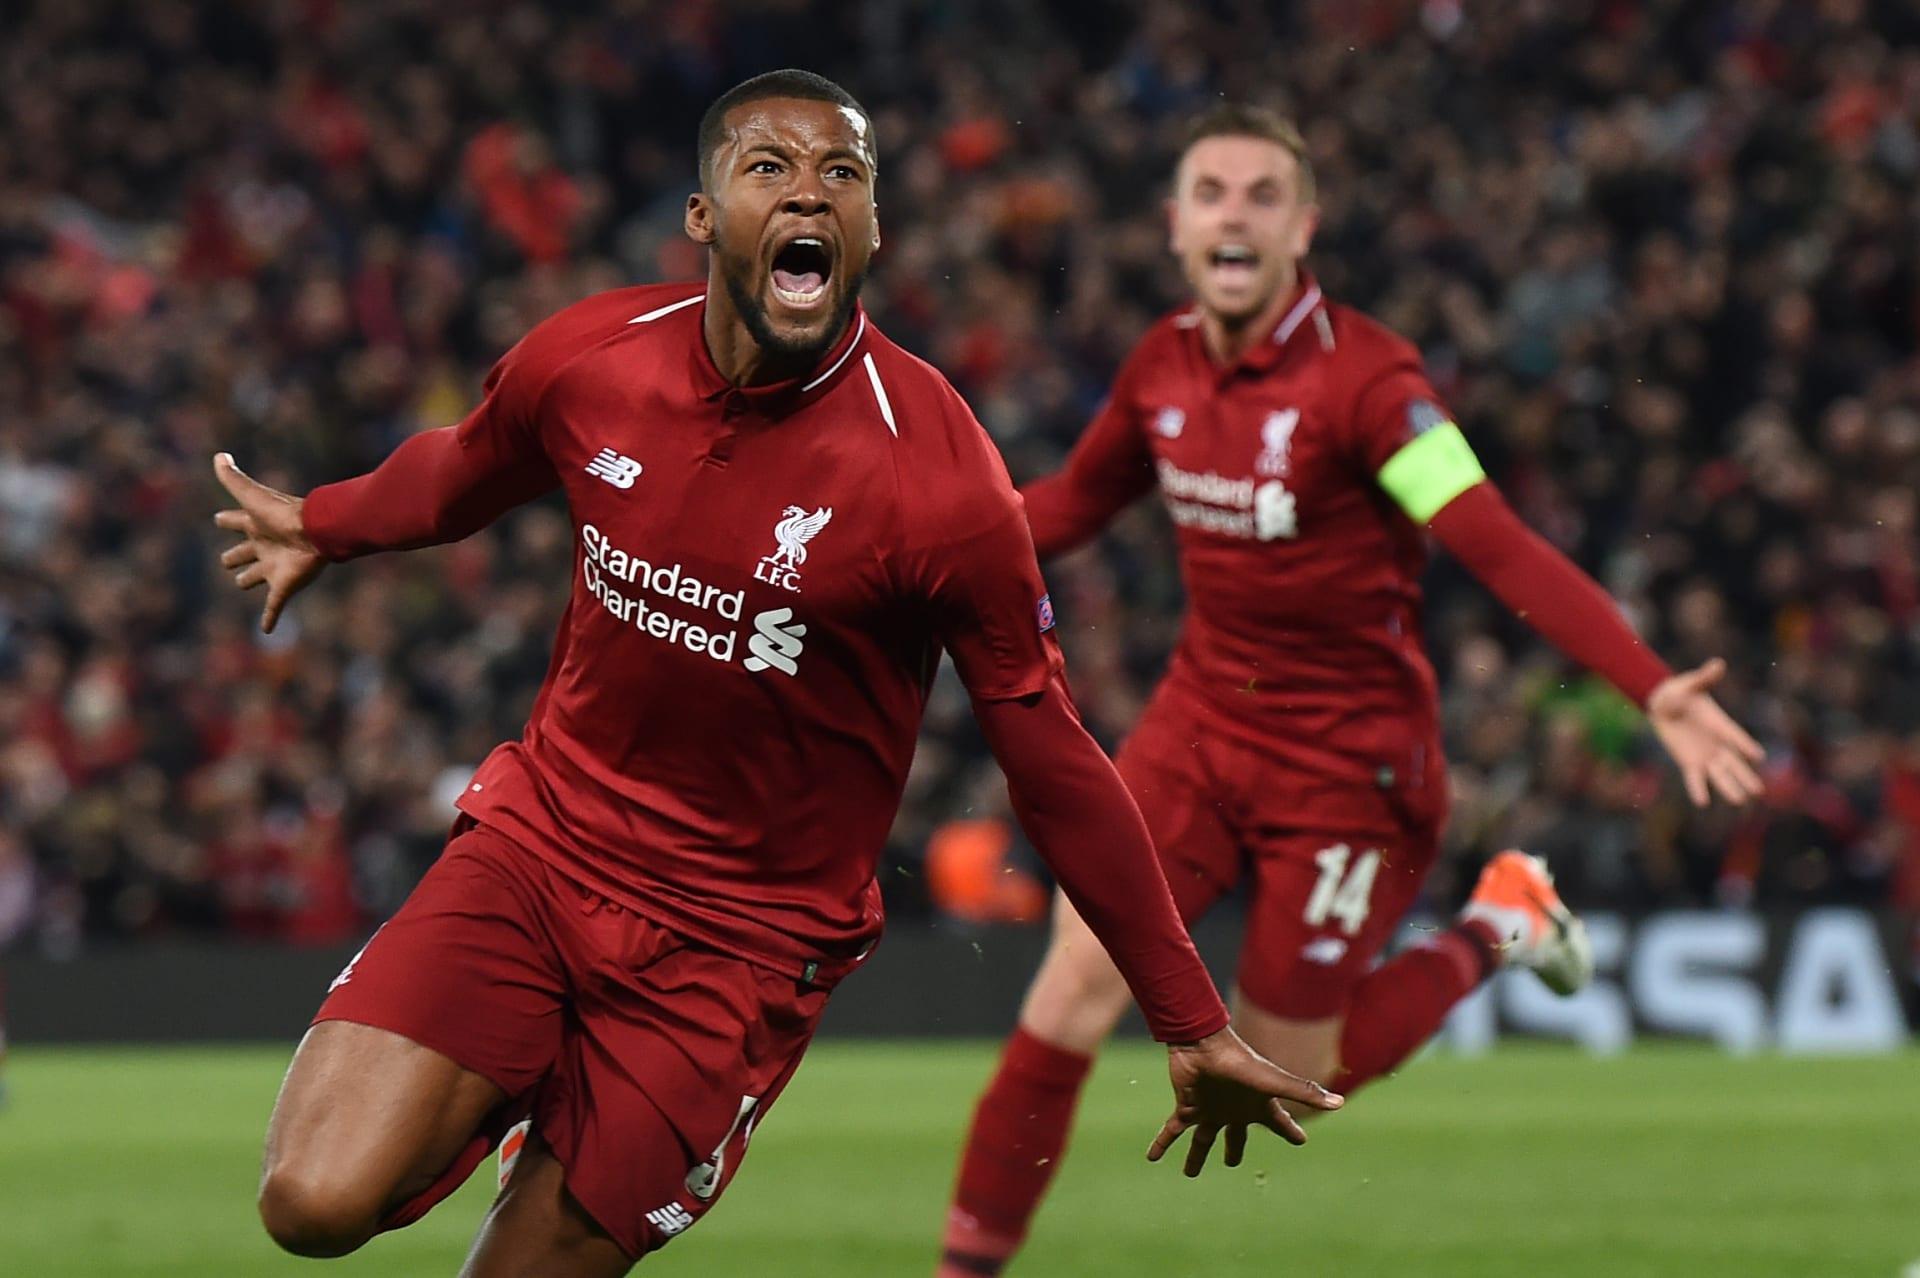 """""""لن يمشي وحيدا"""".. ليفربول يصل إلى النهائي بعد """"ريمونتادا"""" تاريخية على برشلونة"""